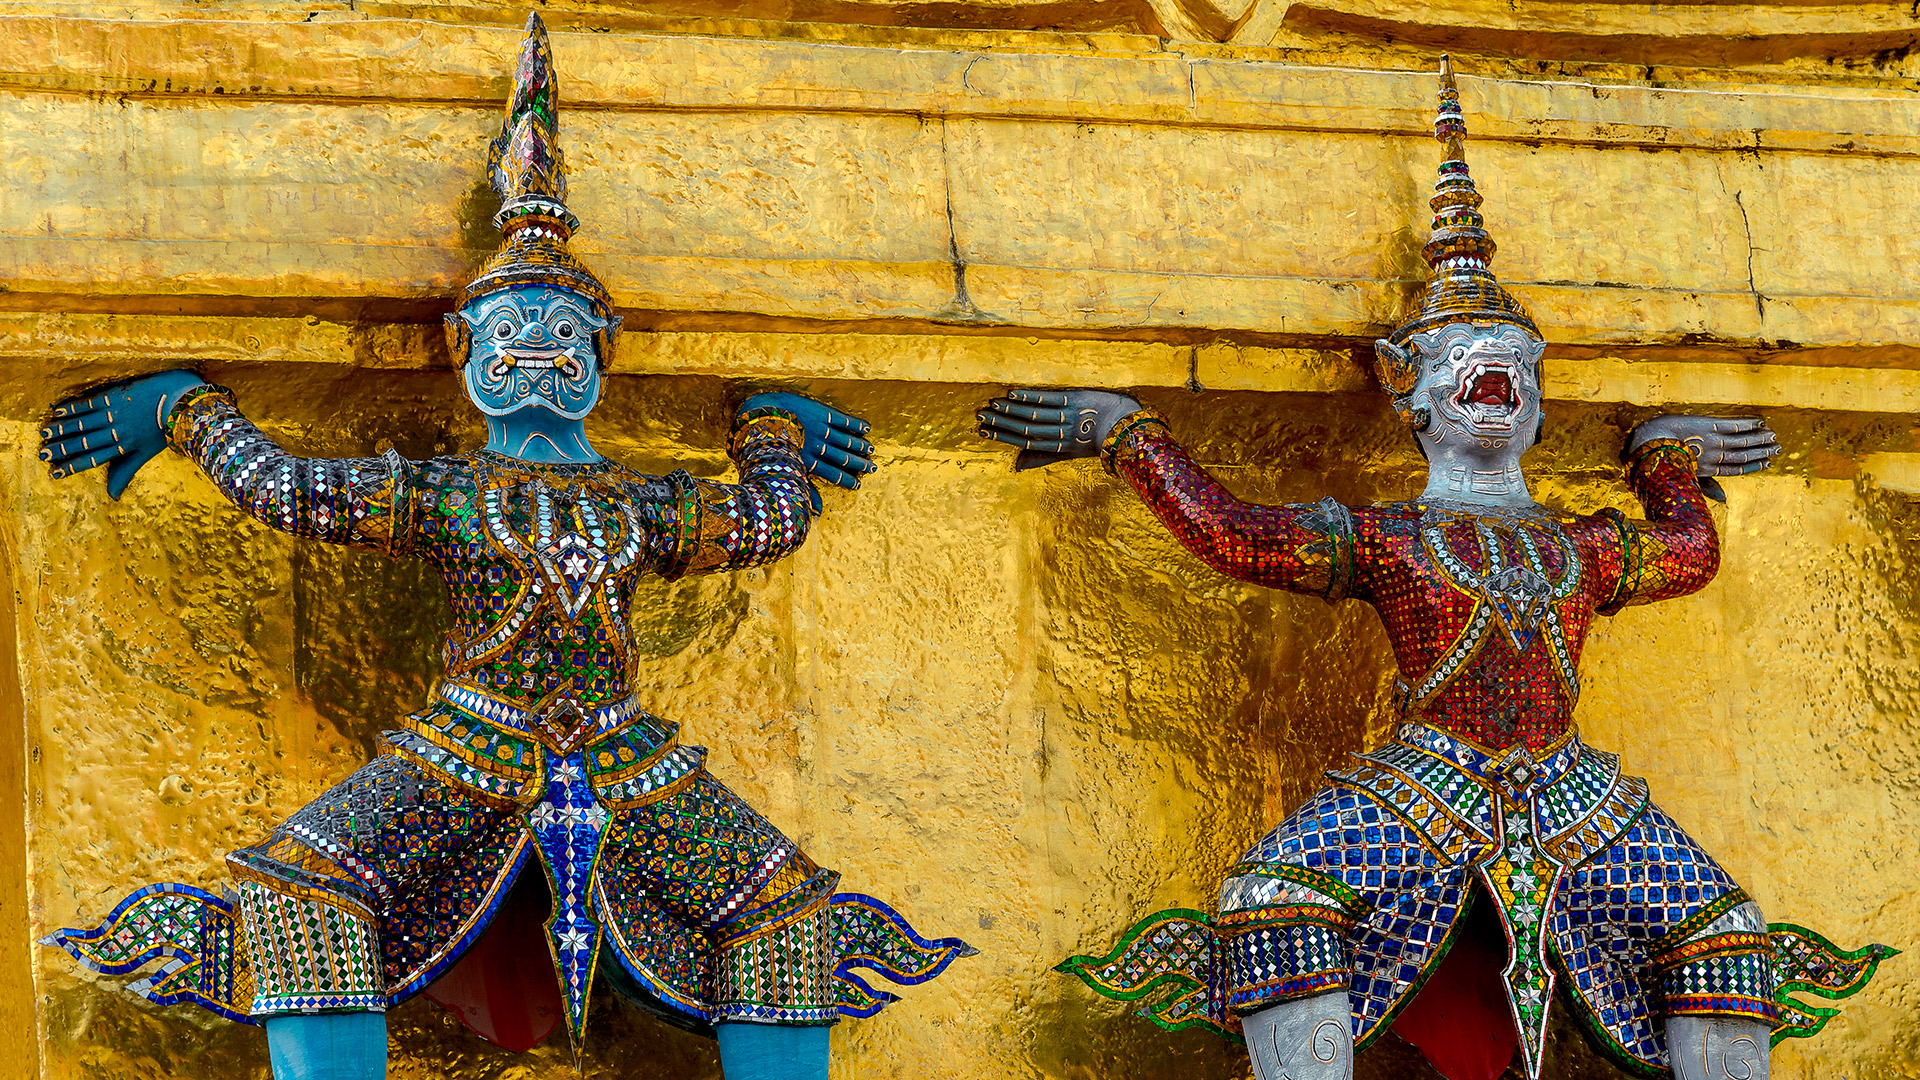 Bangkok hero asset